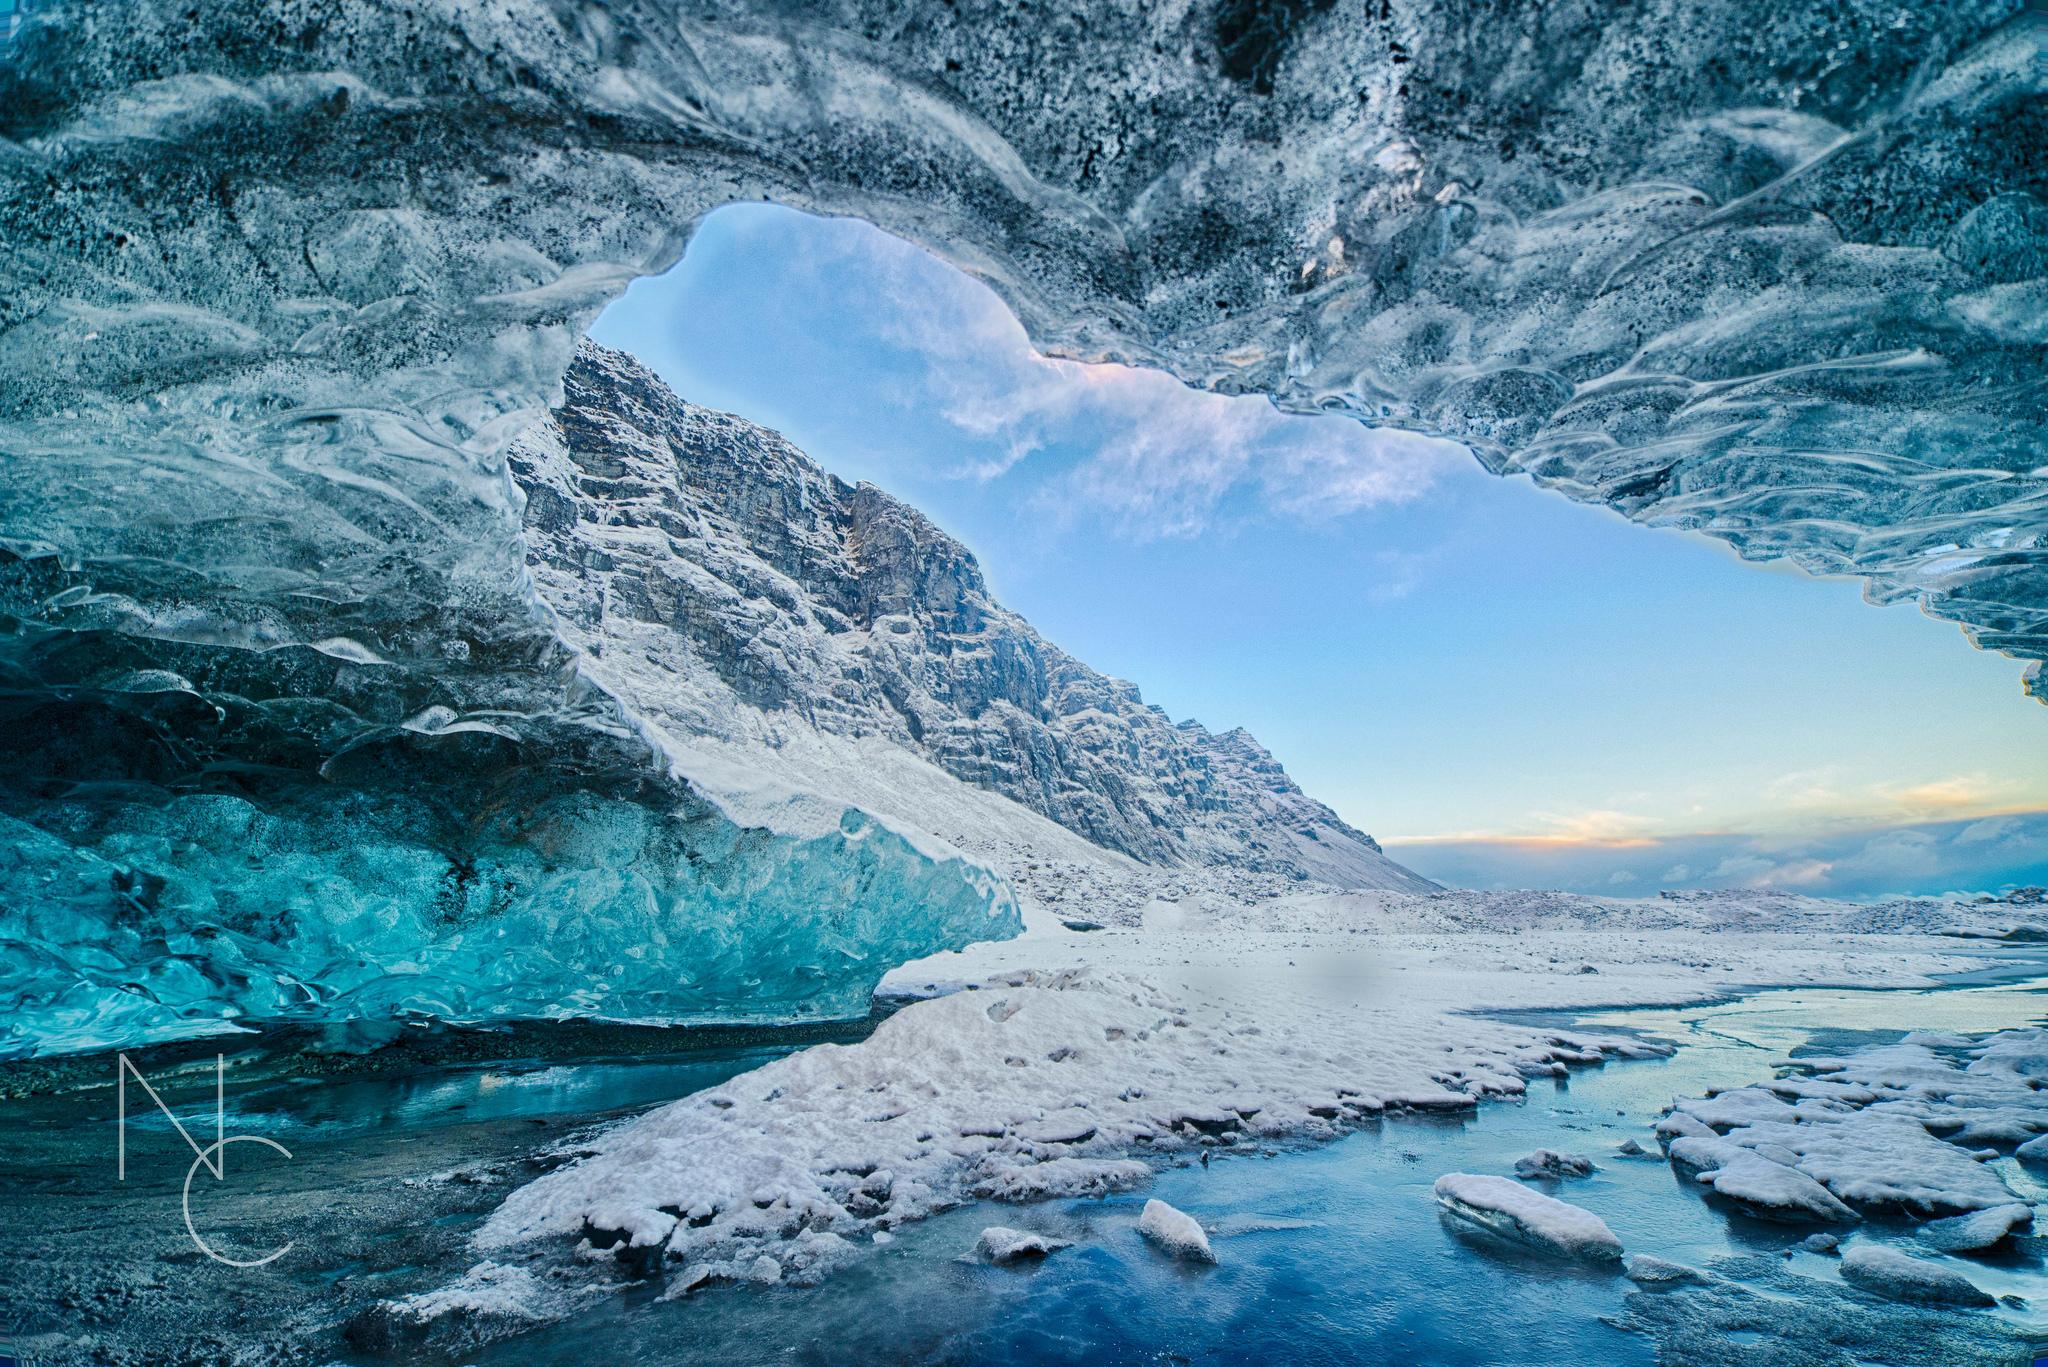 İzlanda Buzulları ve Buz Mağaraları